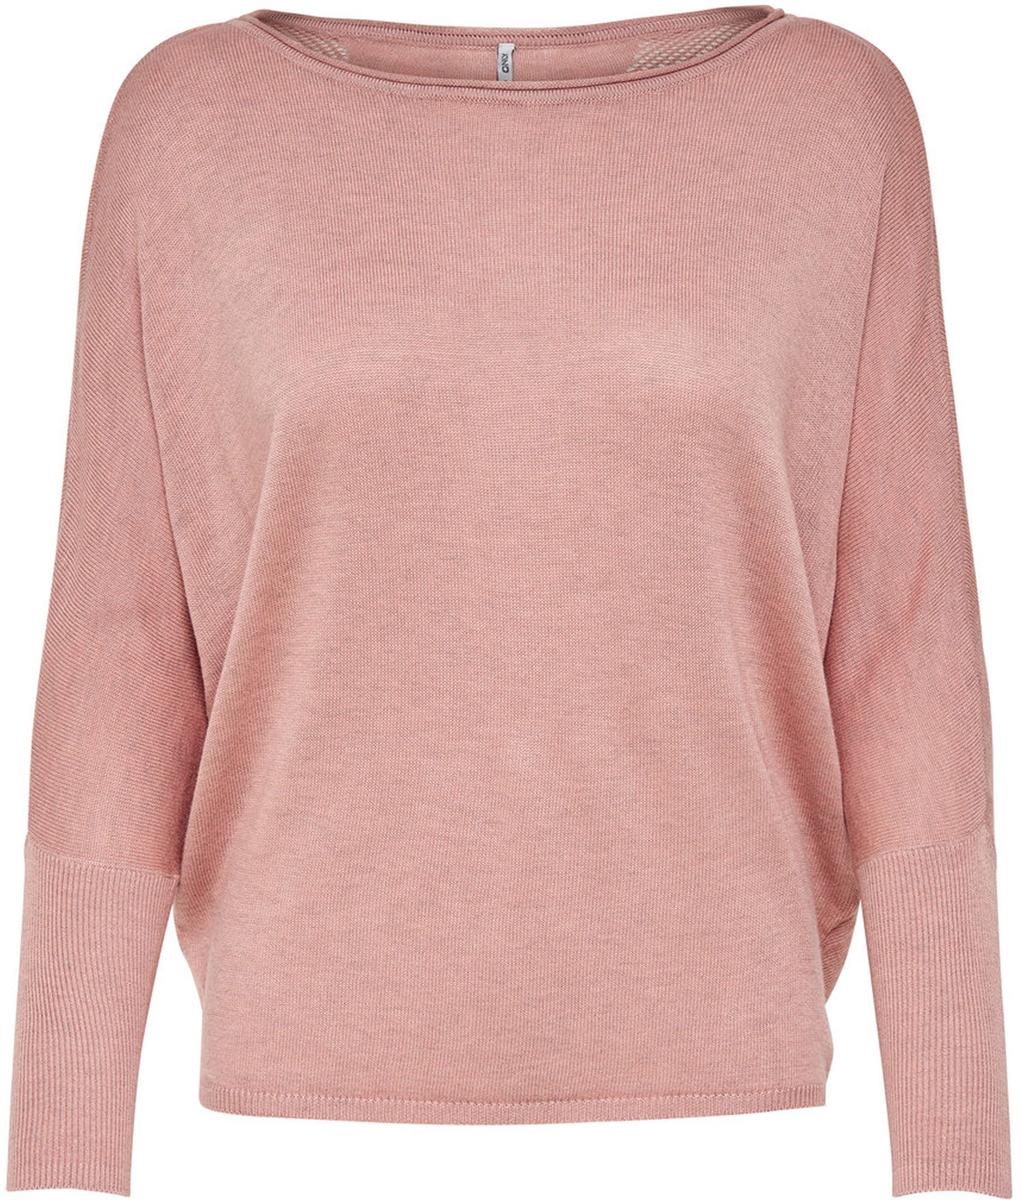 Пуловер жен Only, цвет: розовый. 15140104_Rose Dawn. Размер M (46)15140104_Rose Dawn